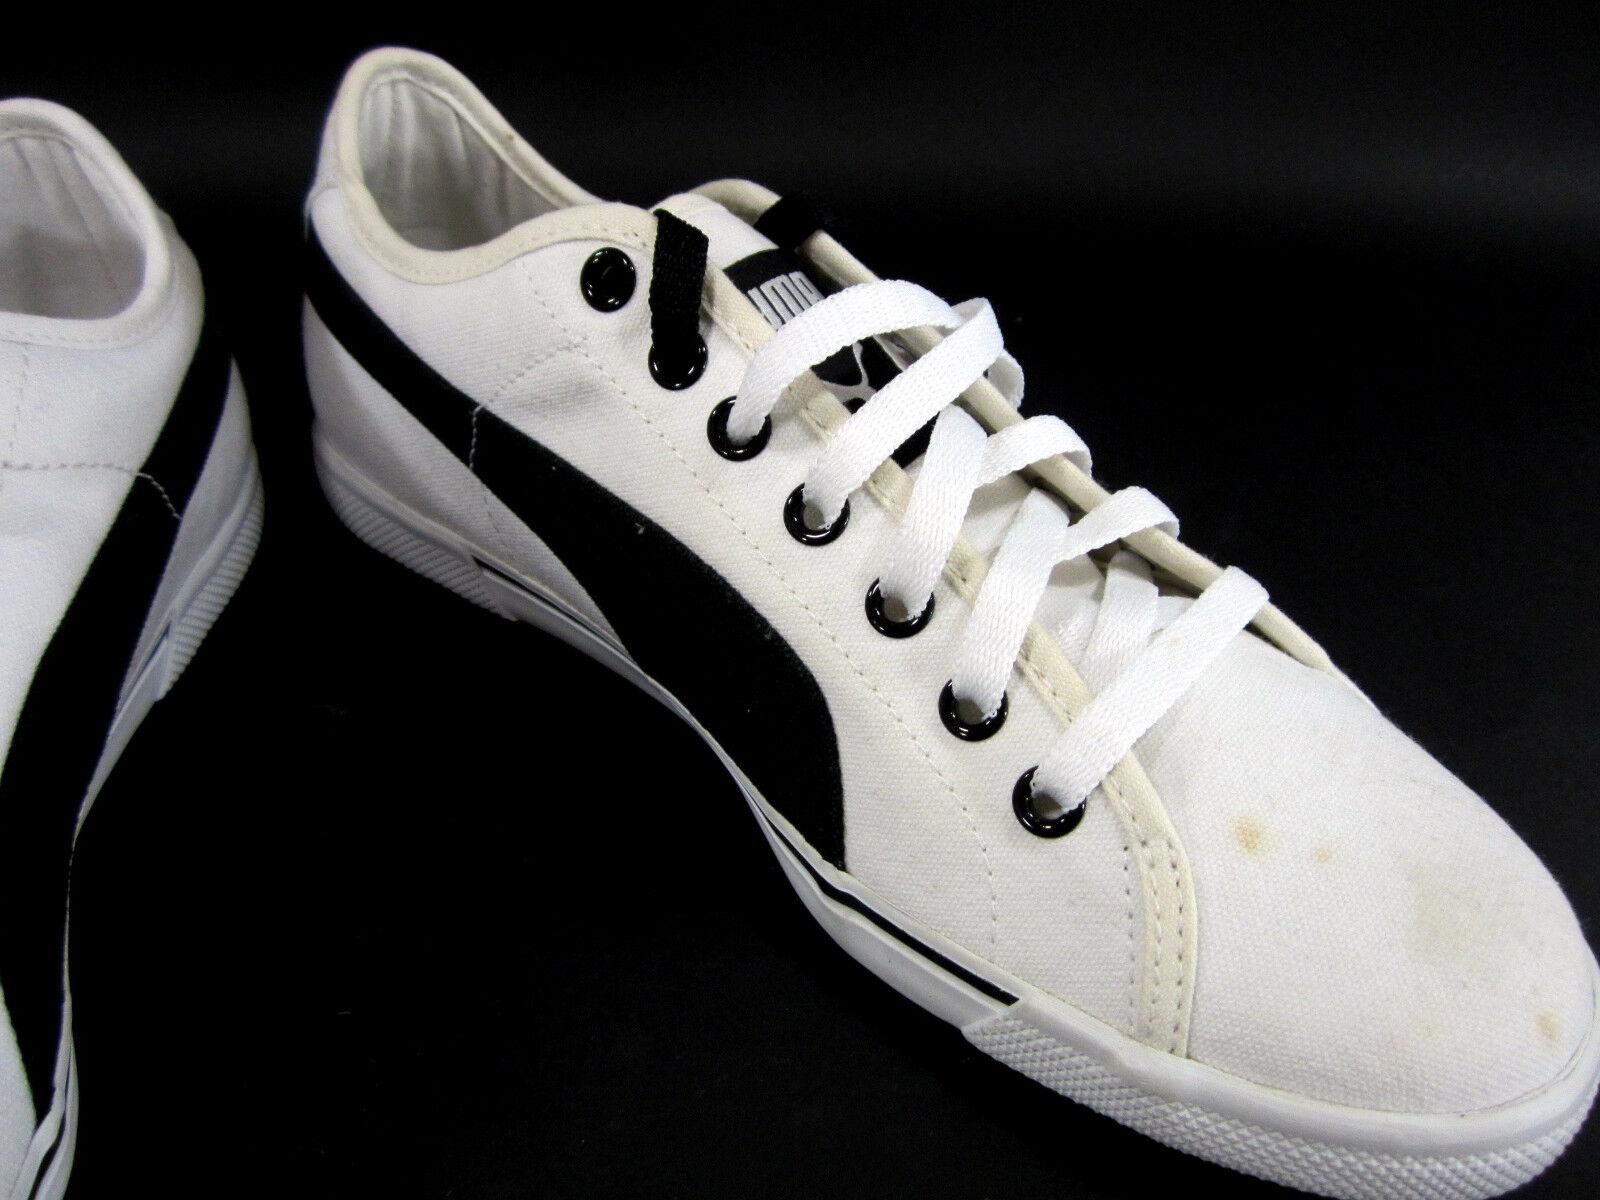 Puma scarpe Benecio Athletic Canvas bianca nero scarpe scarpe scarpe da ginnastica Dimensione 8.5 27dd23